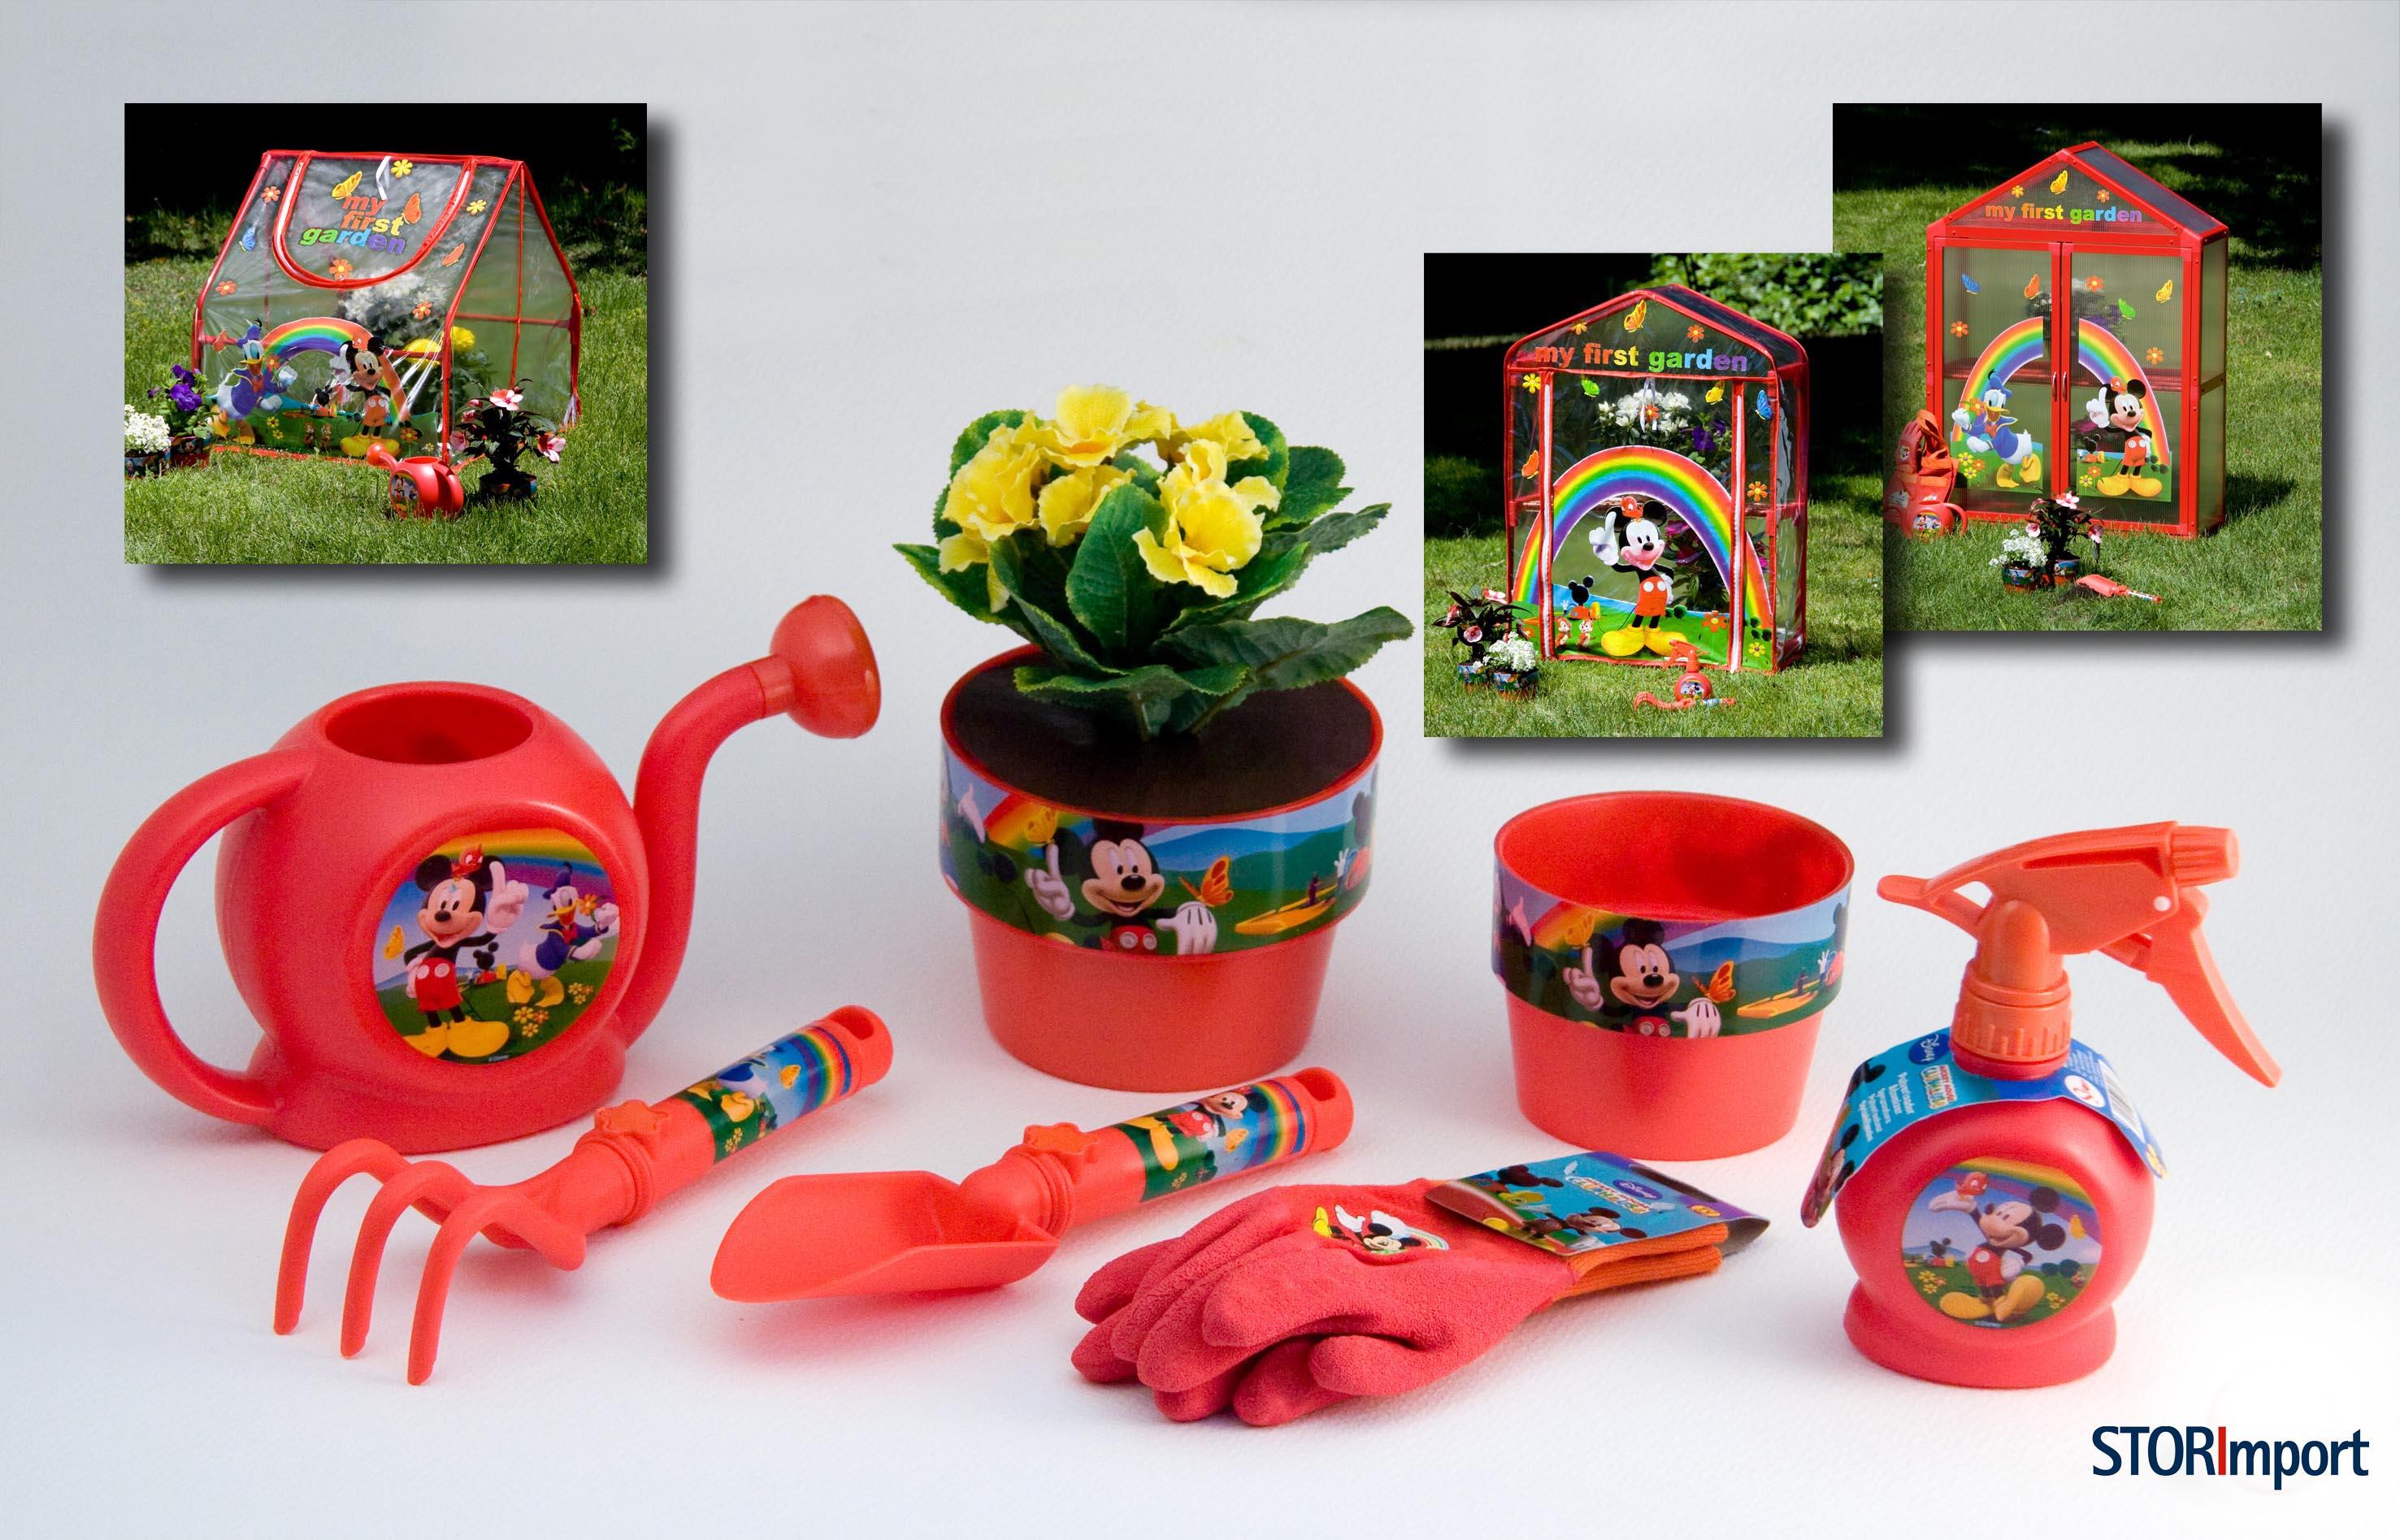 Productos de jardineria infantiles stor for Articulos para jardineria